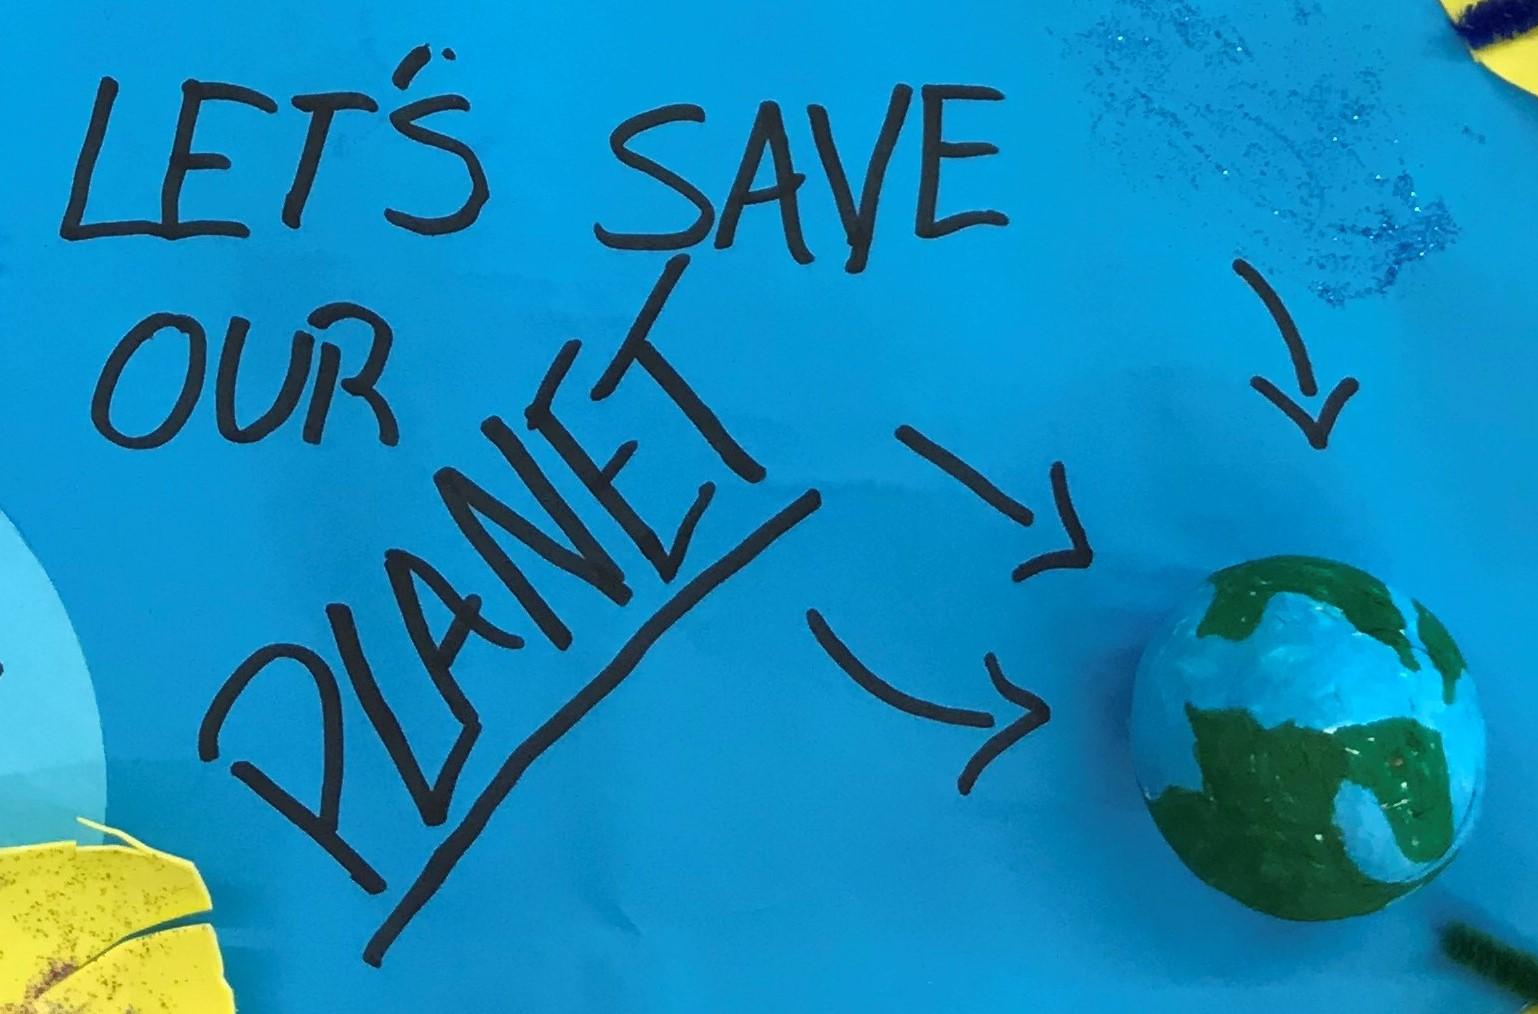 Yksityiskohta askartelukollaasista, jossa sinisellä pahvipohjalla on pieni maapalloksi maalattu pallo ja mustalla tussilla englanniksi teksti Let's save our planet eli Pelastetaan planeettamme.